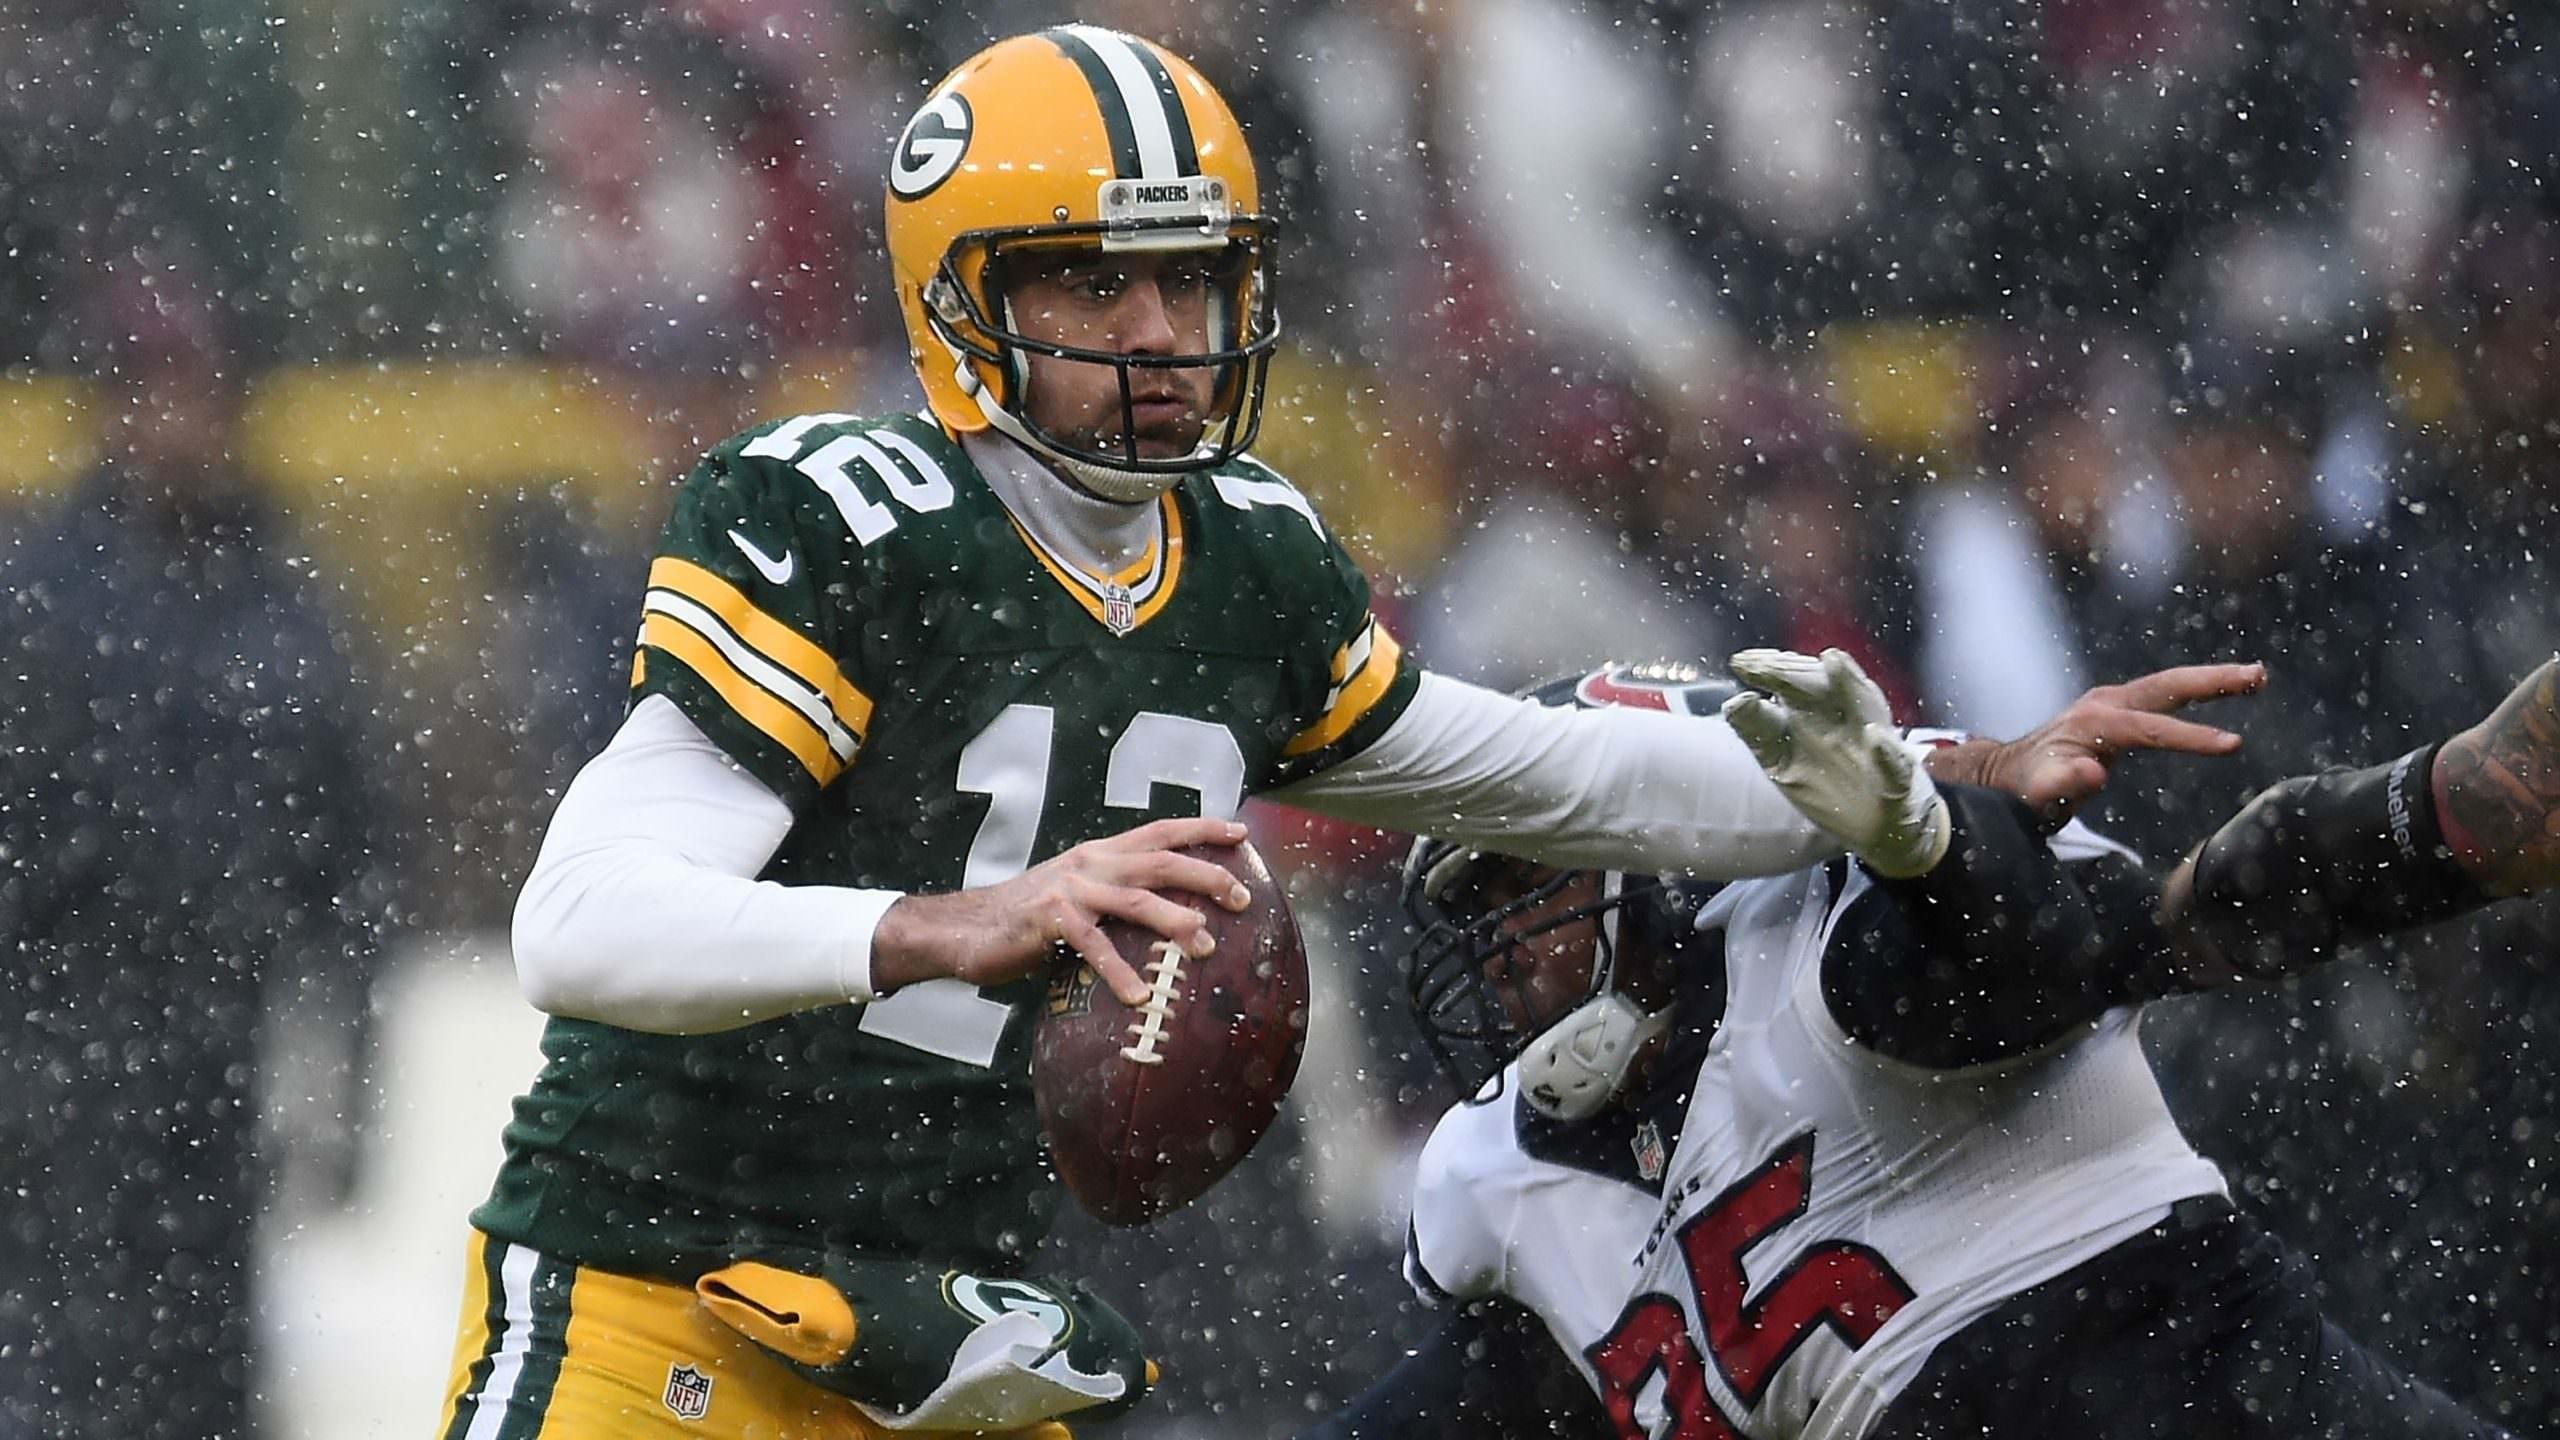 Transmissão ao vivo do Packers vs Texans: como assistir a 7ª semana da NFL online de qualquer lugar